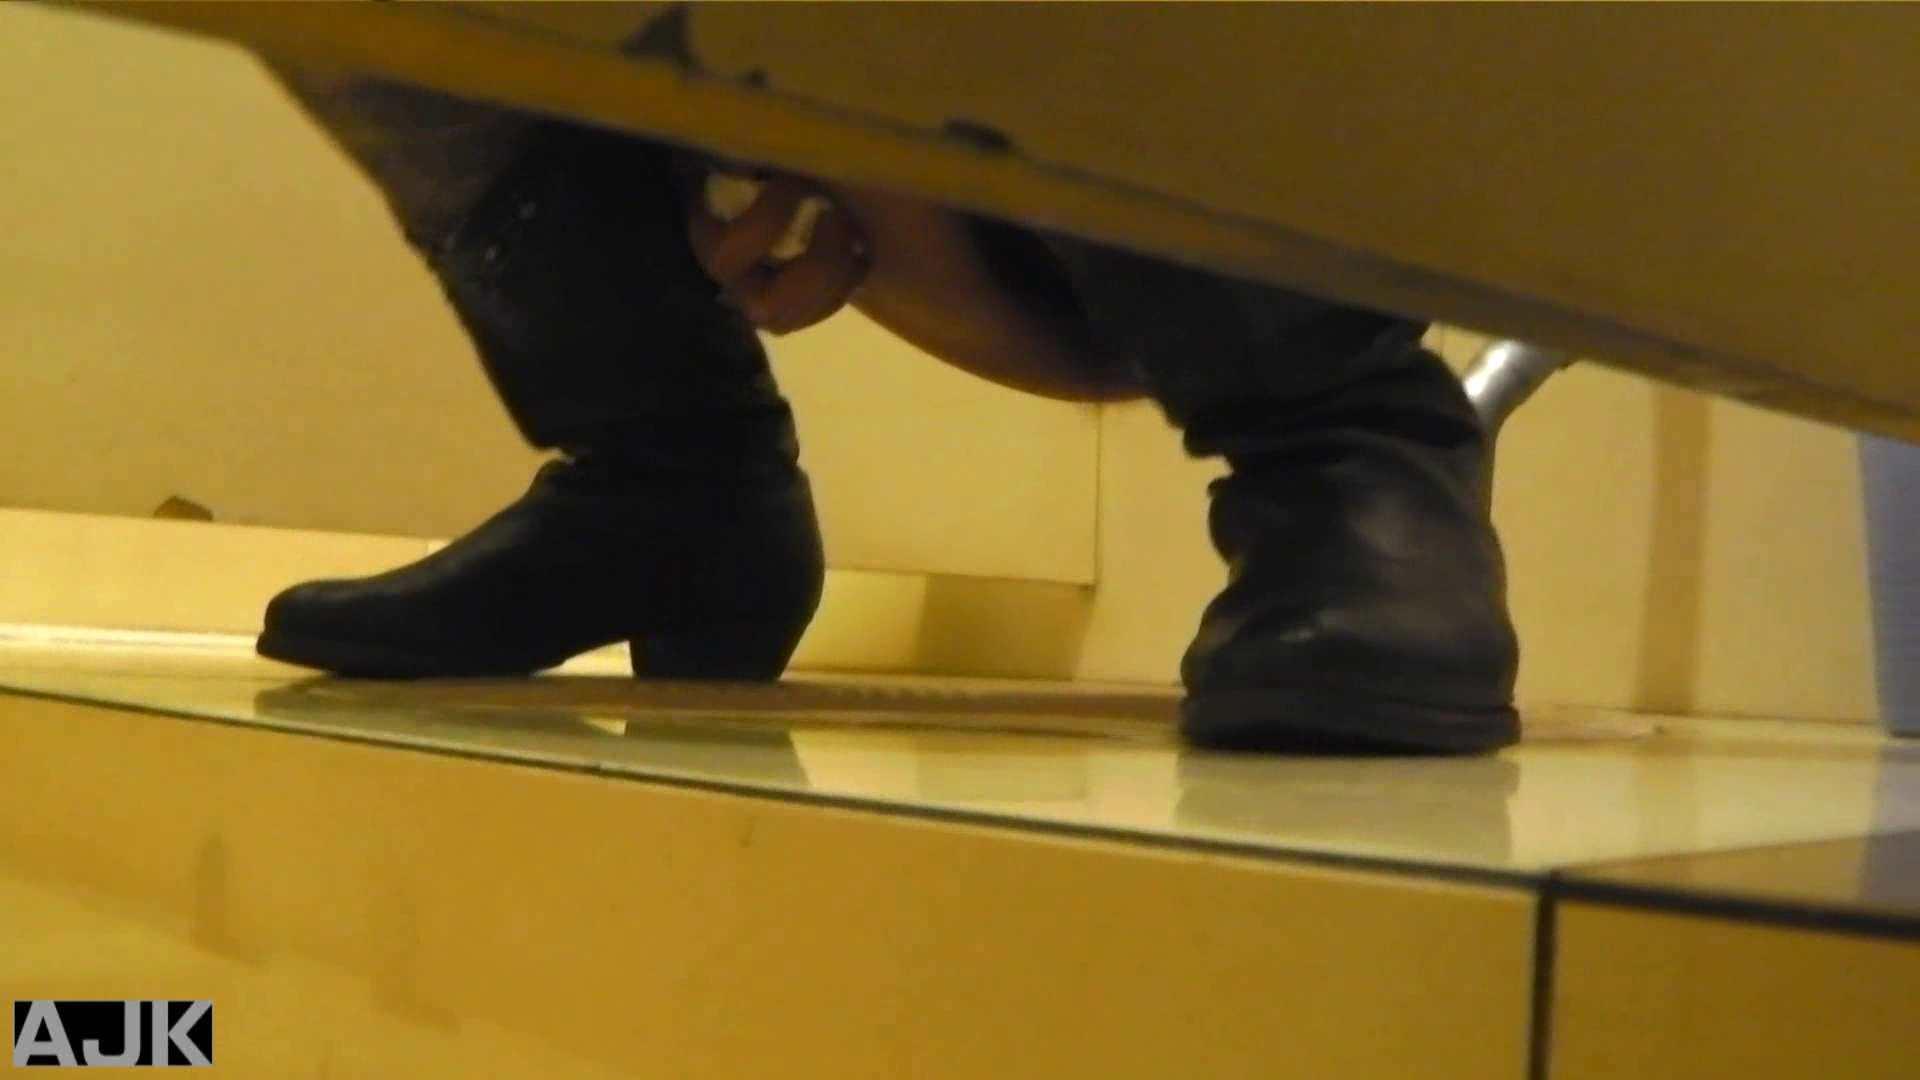 隣国上階級エリアの令嬢たちが集うデパートお手洗い Vol.26 おまんこ オマンコ動画キャプチャ 66画像 43